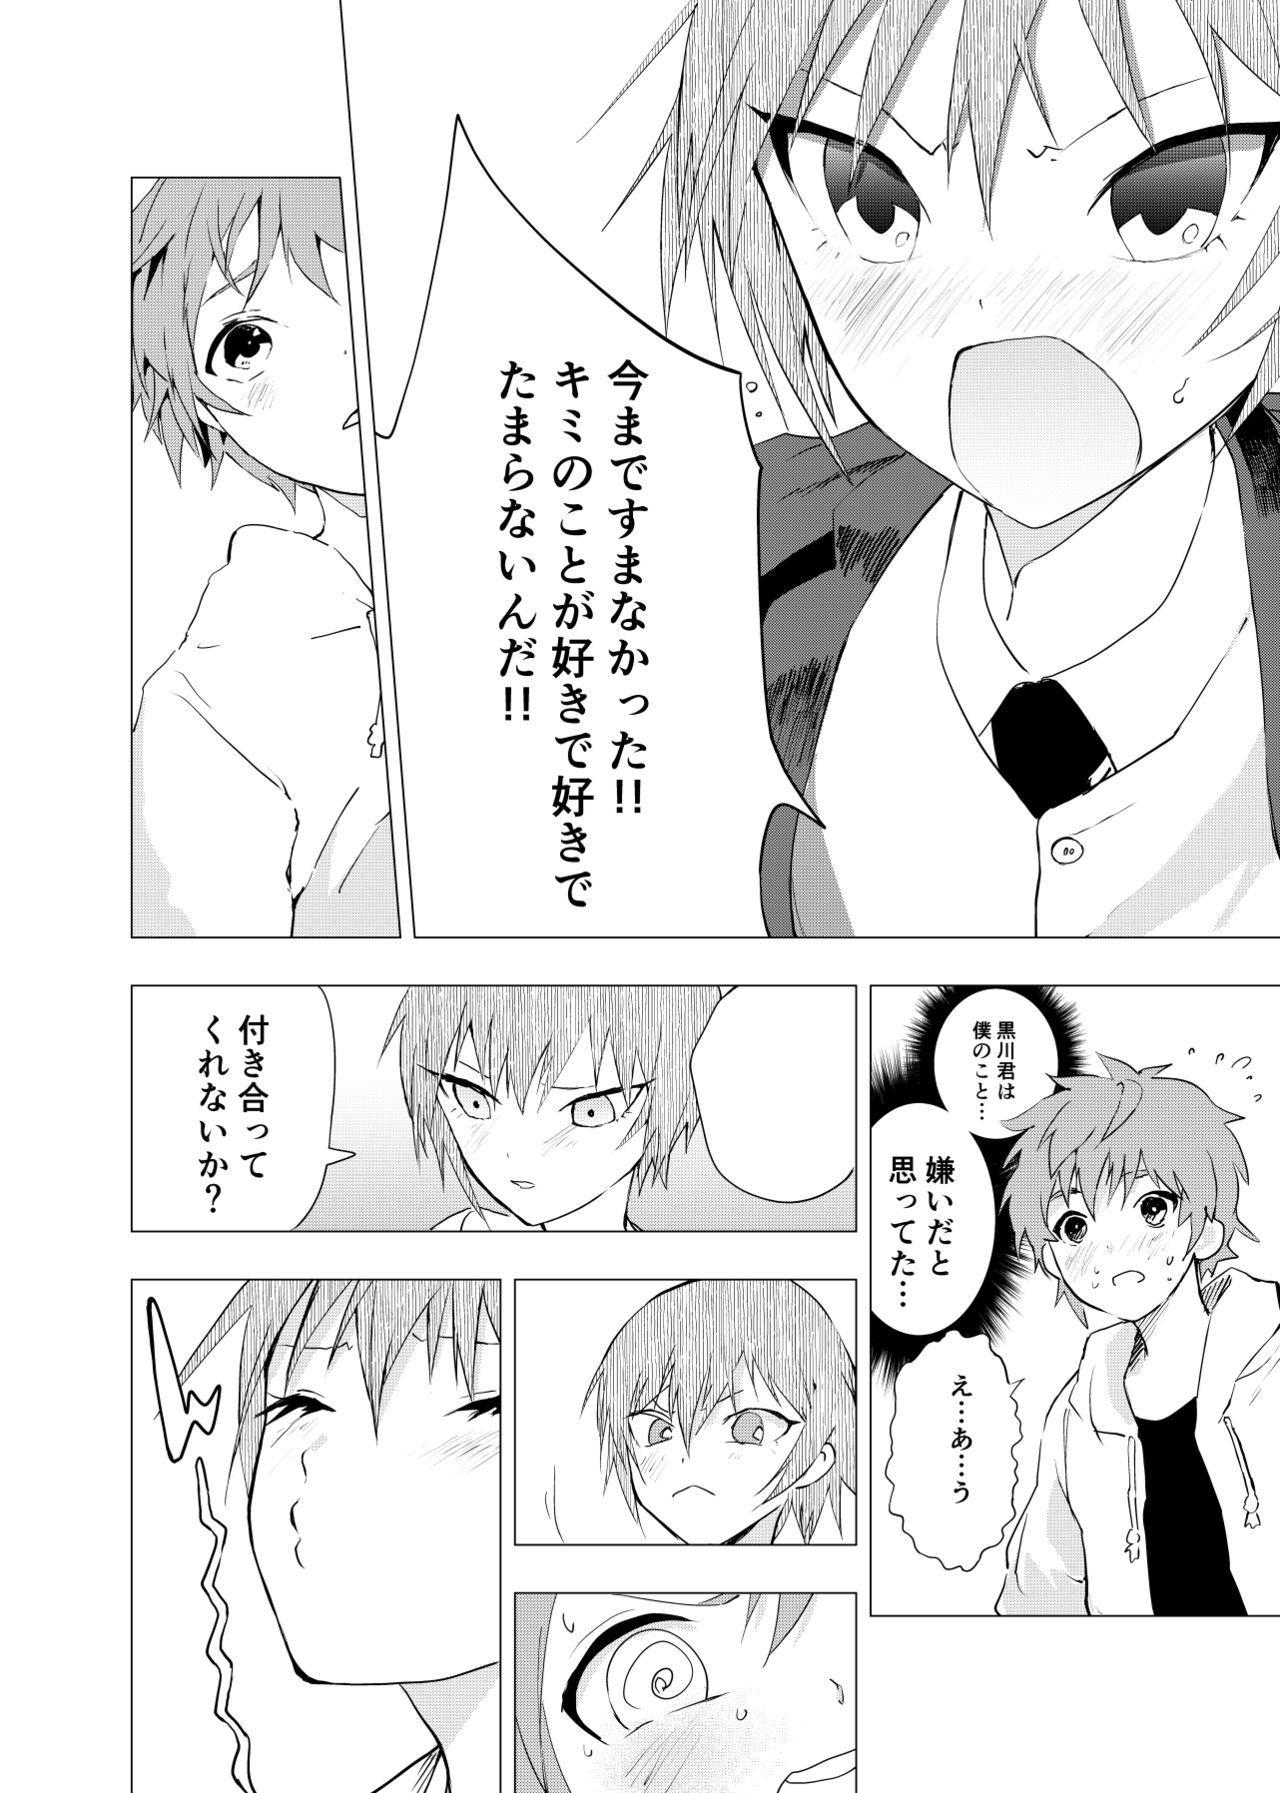 Inaka no Uke Shounen to Tokai no Seme Shounen no Ero Manga 1-6 119